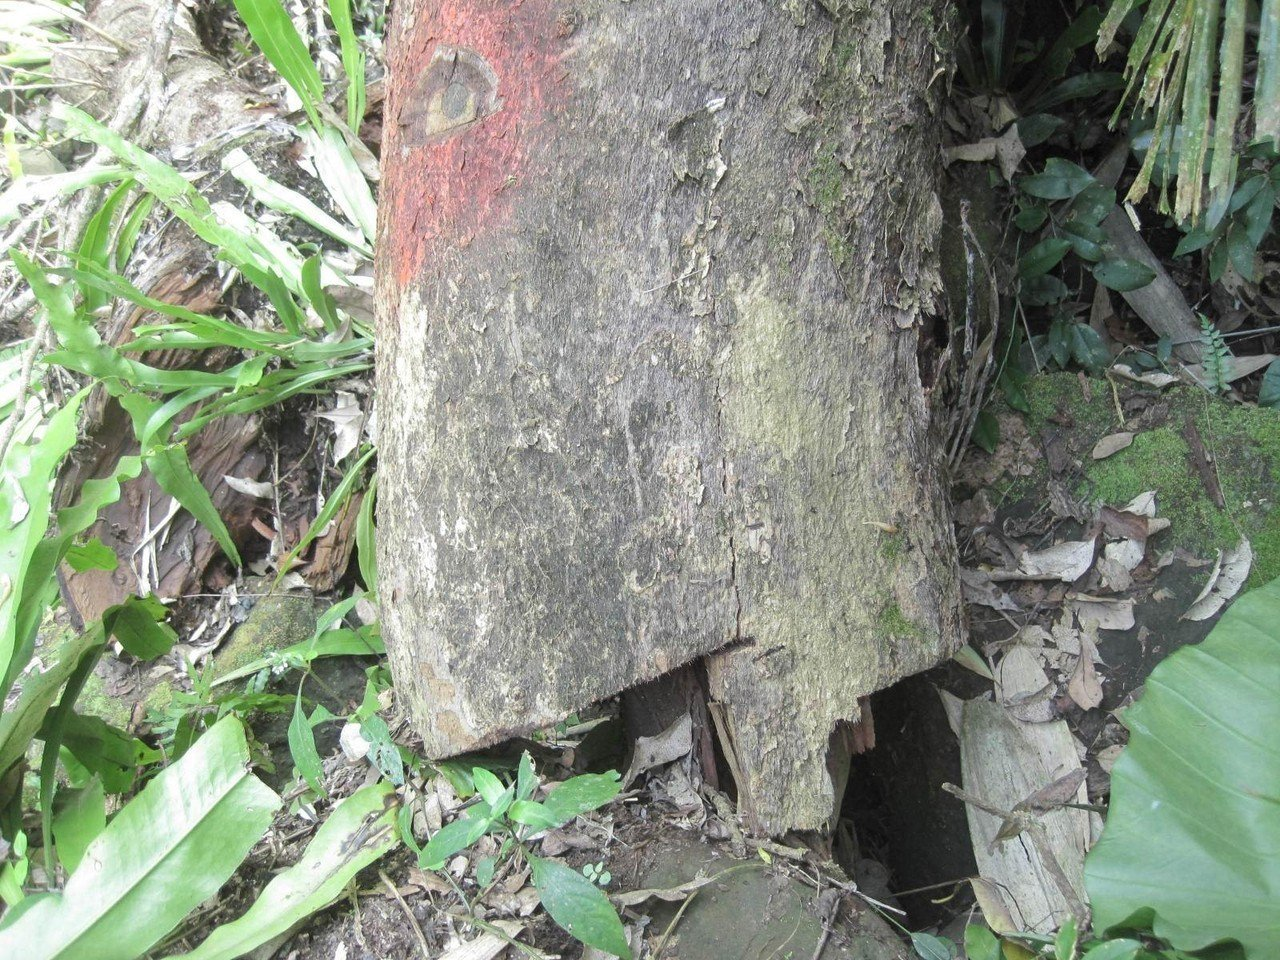 被偷挖的百年茄冬樹後來移植沒成功,不幸枯死。記者謝恩得/翻攝